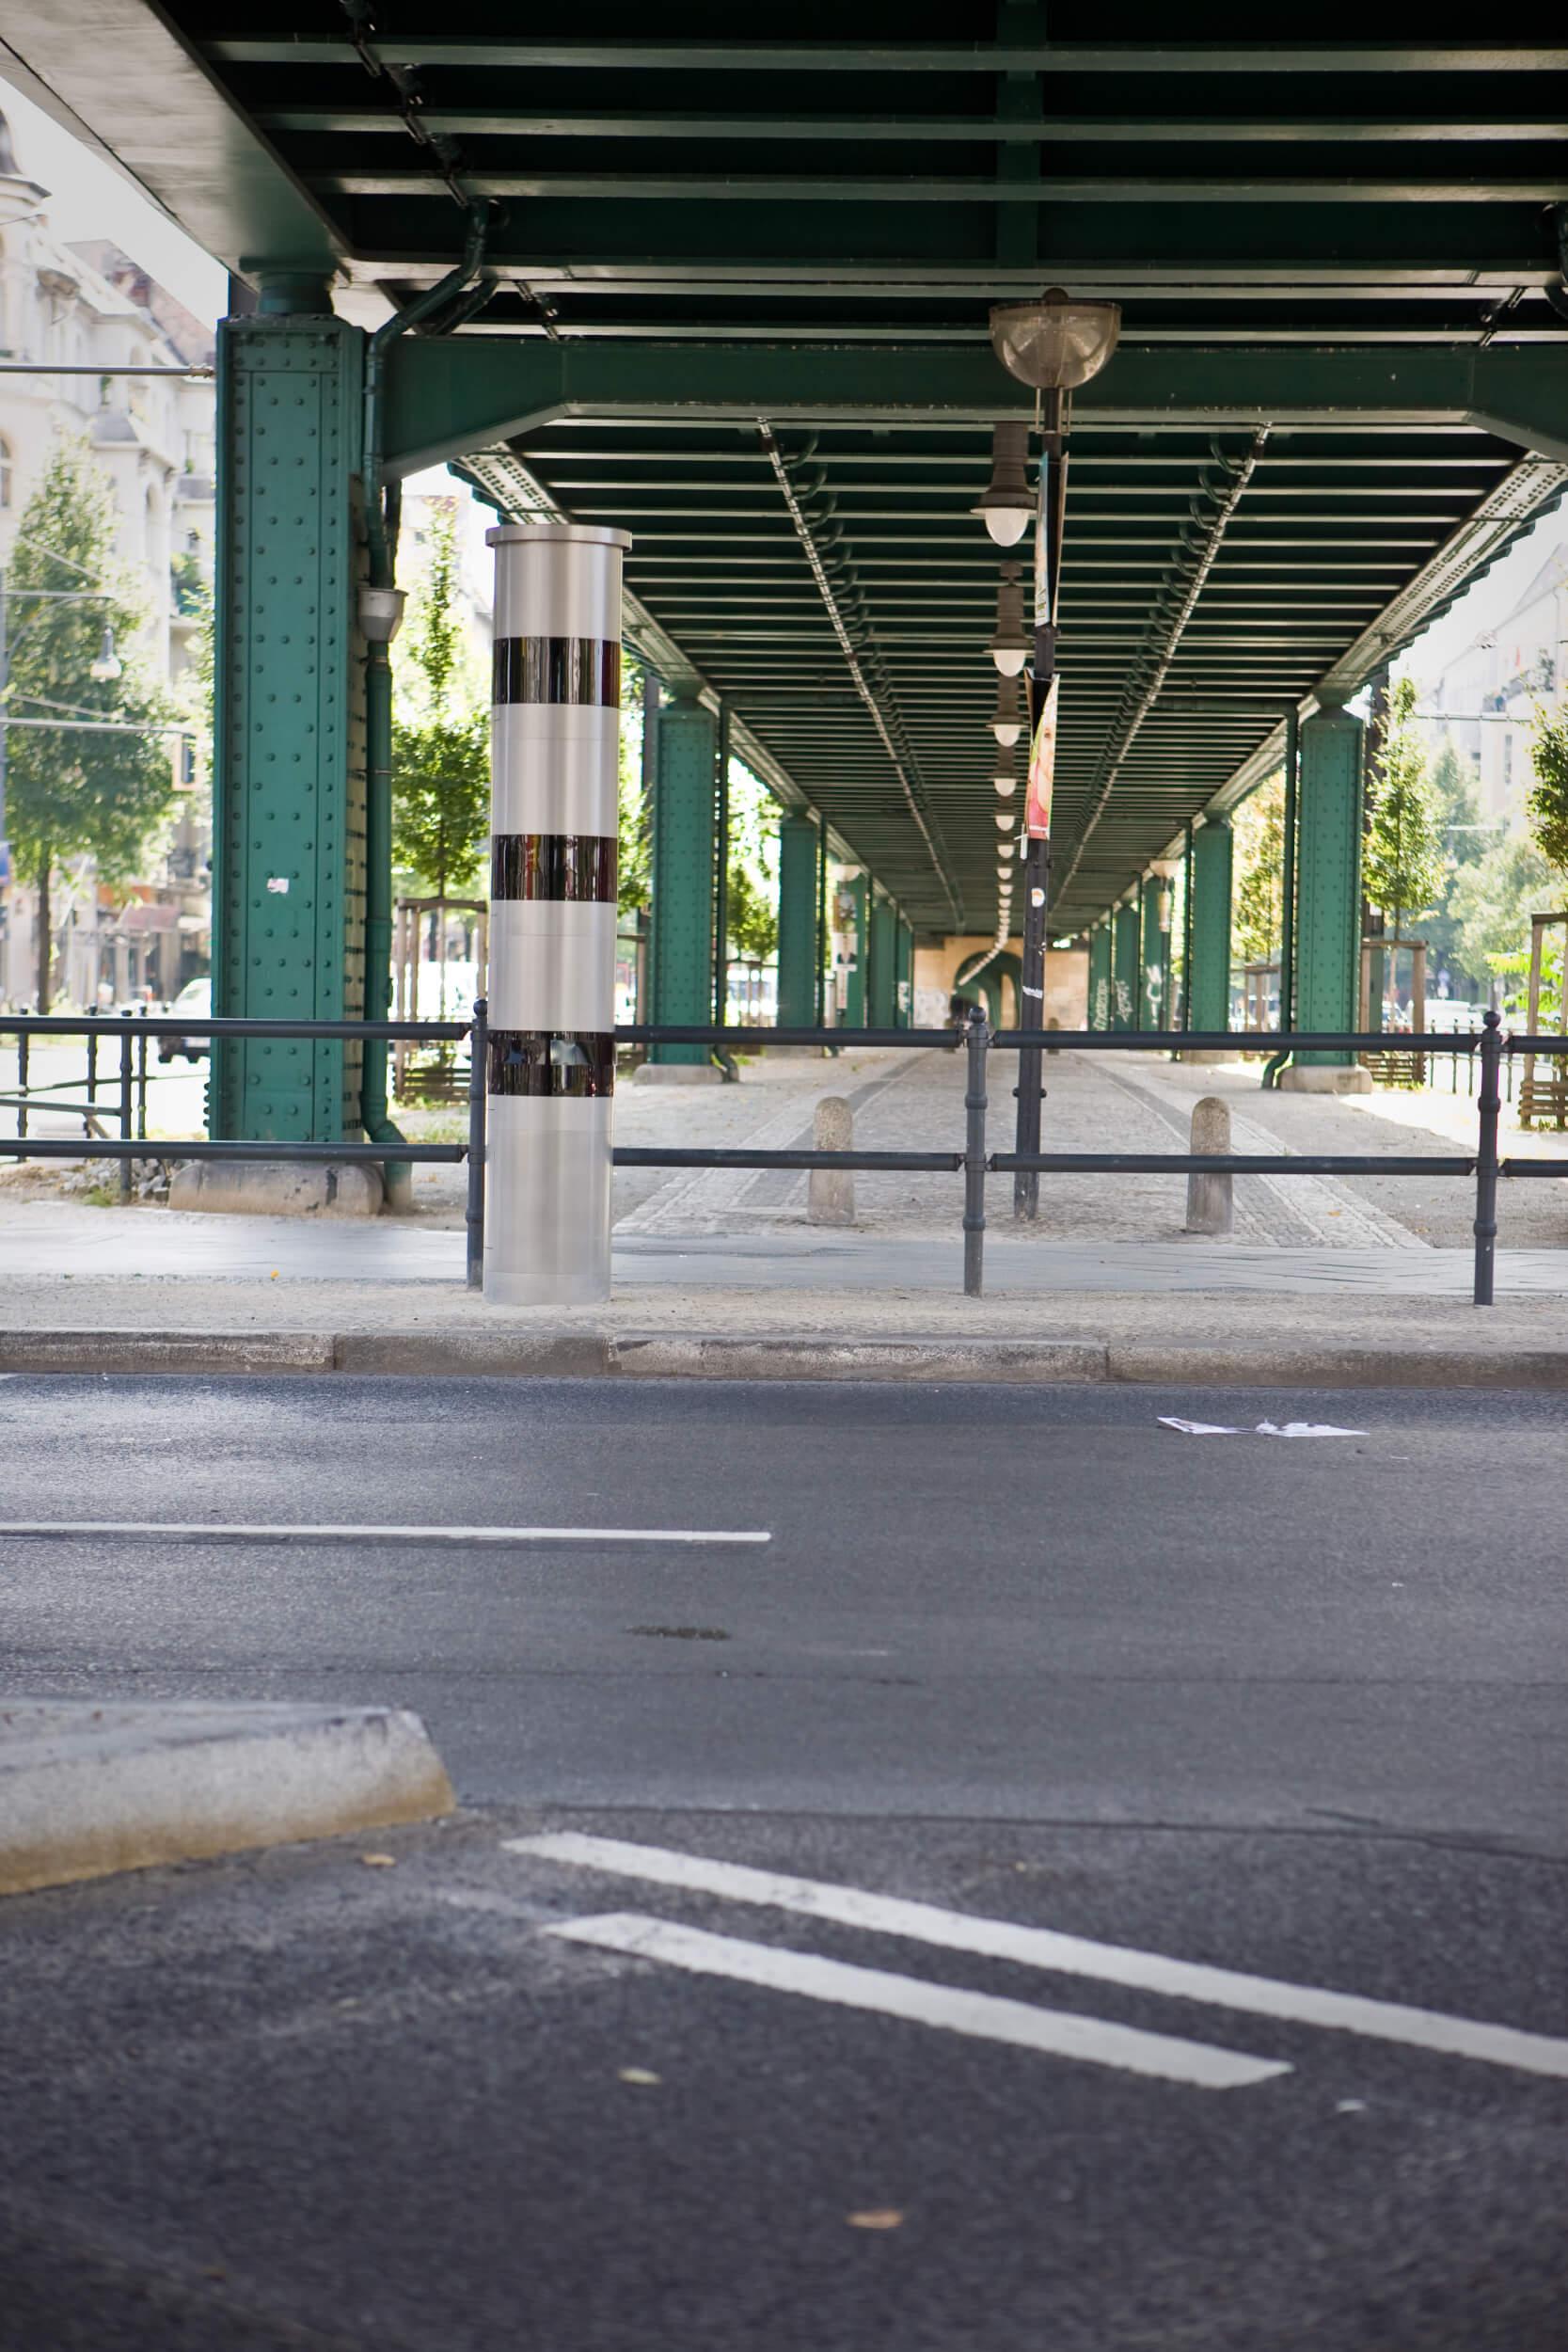 Radarkontrolle unter Brücke (c) CODUKA UG (haftungsbeschränkt)/geblitzt.com